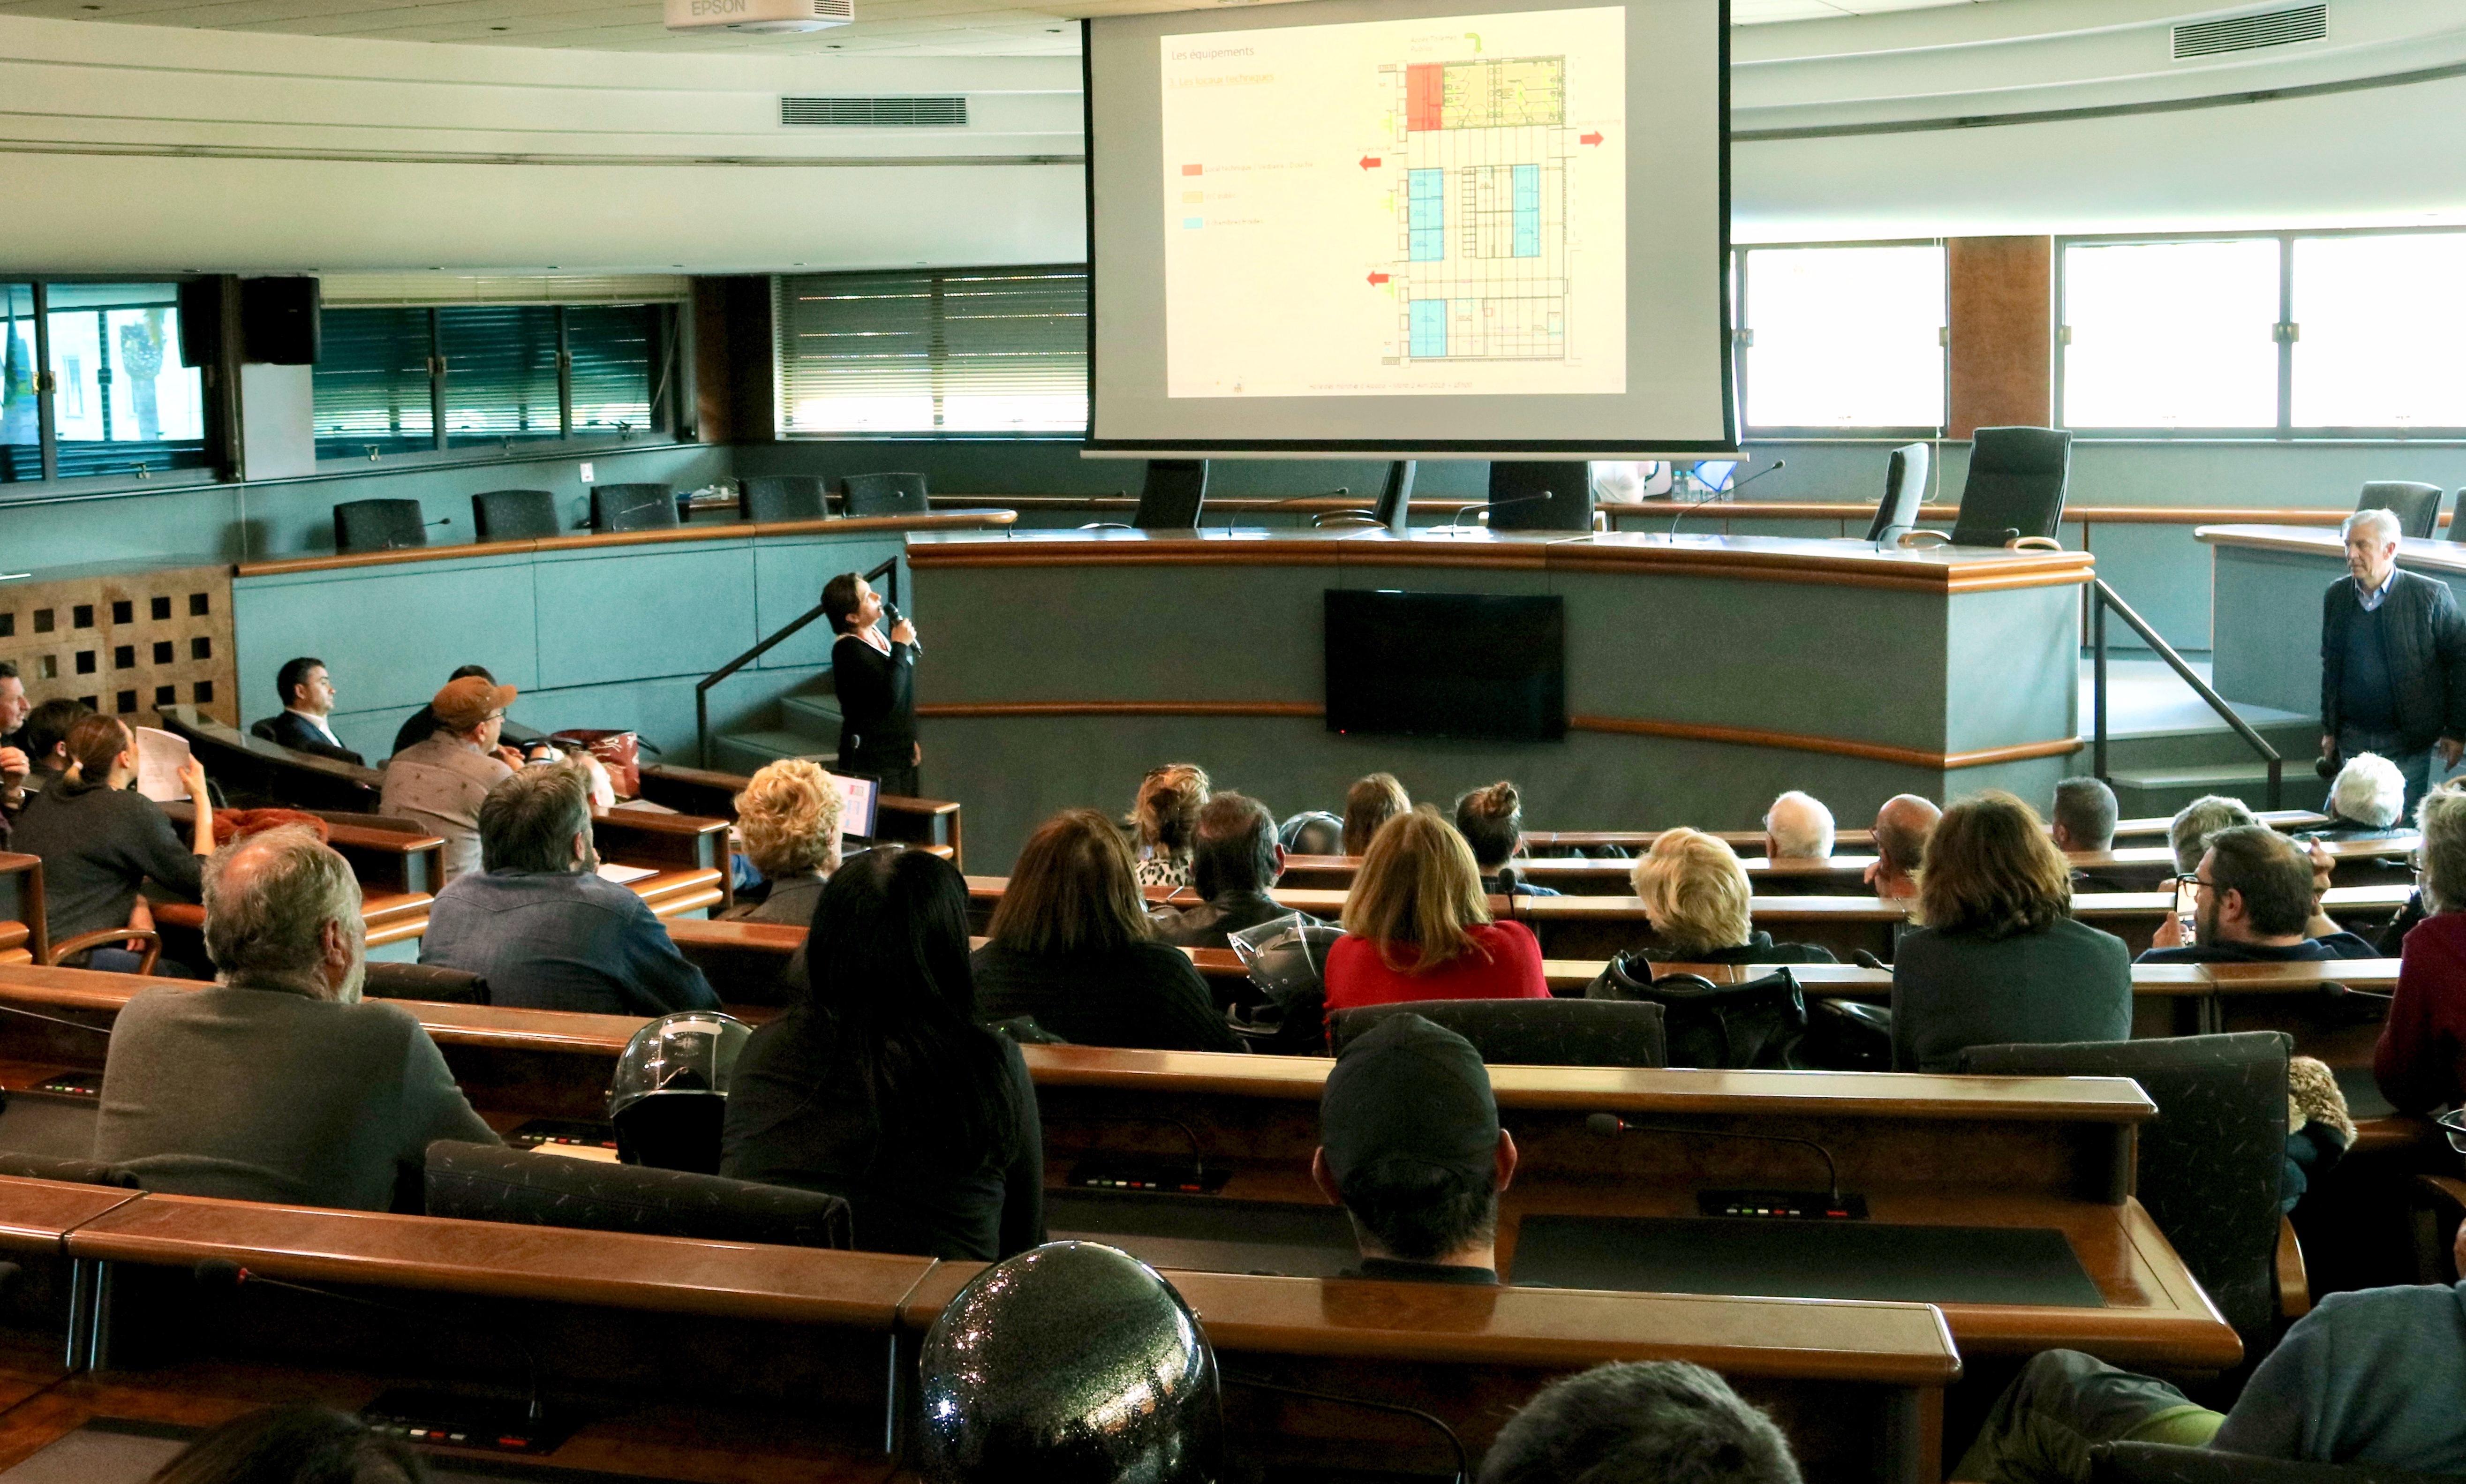 Présentation en salle du conseil municipal pleine, du projet de la future Halle des marchés de la place Campinchi.